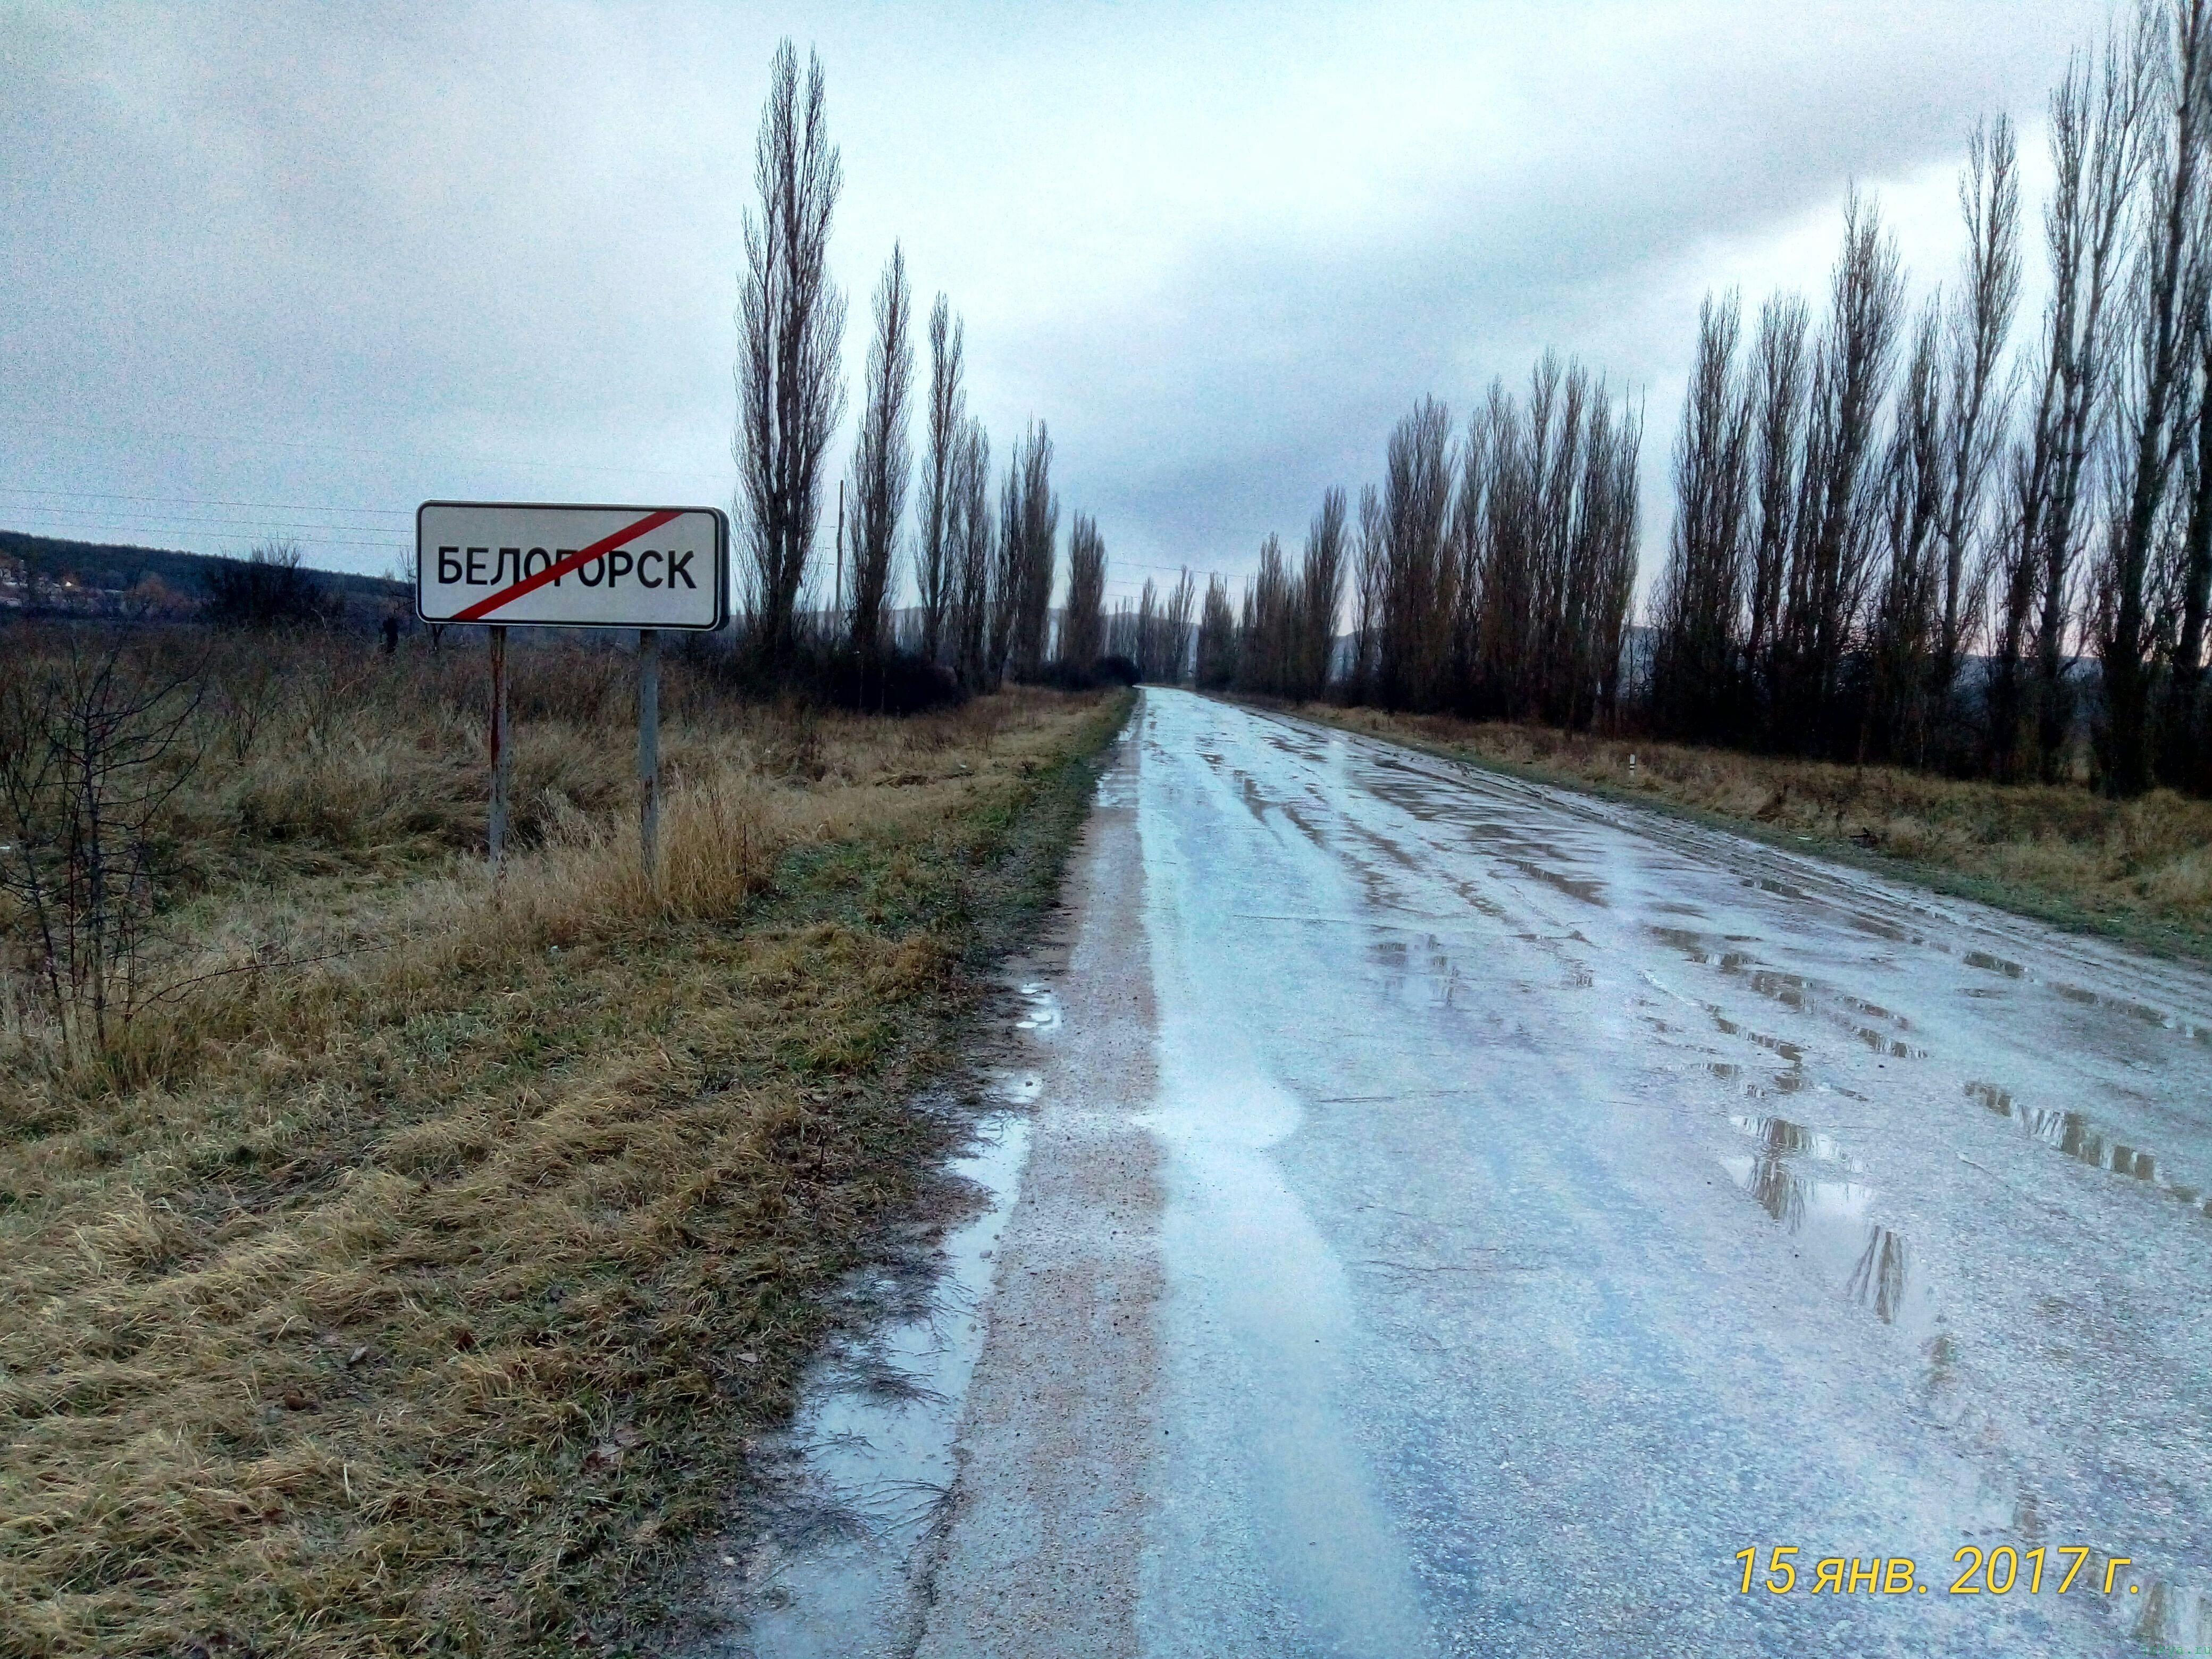 Пешком по Крыму идти по дороге на рыбалку с удочкой в январе, где фото заметка о моей реальности в Крыму jokya.ru